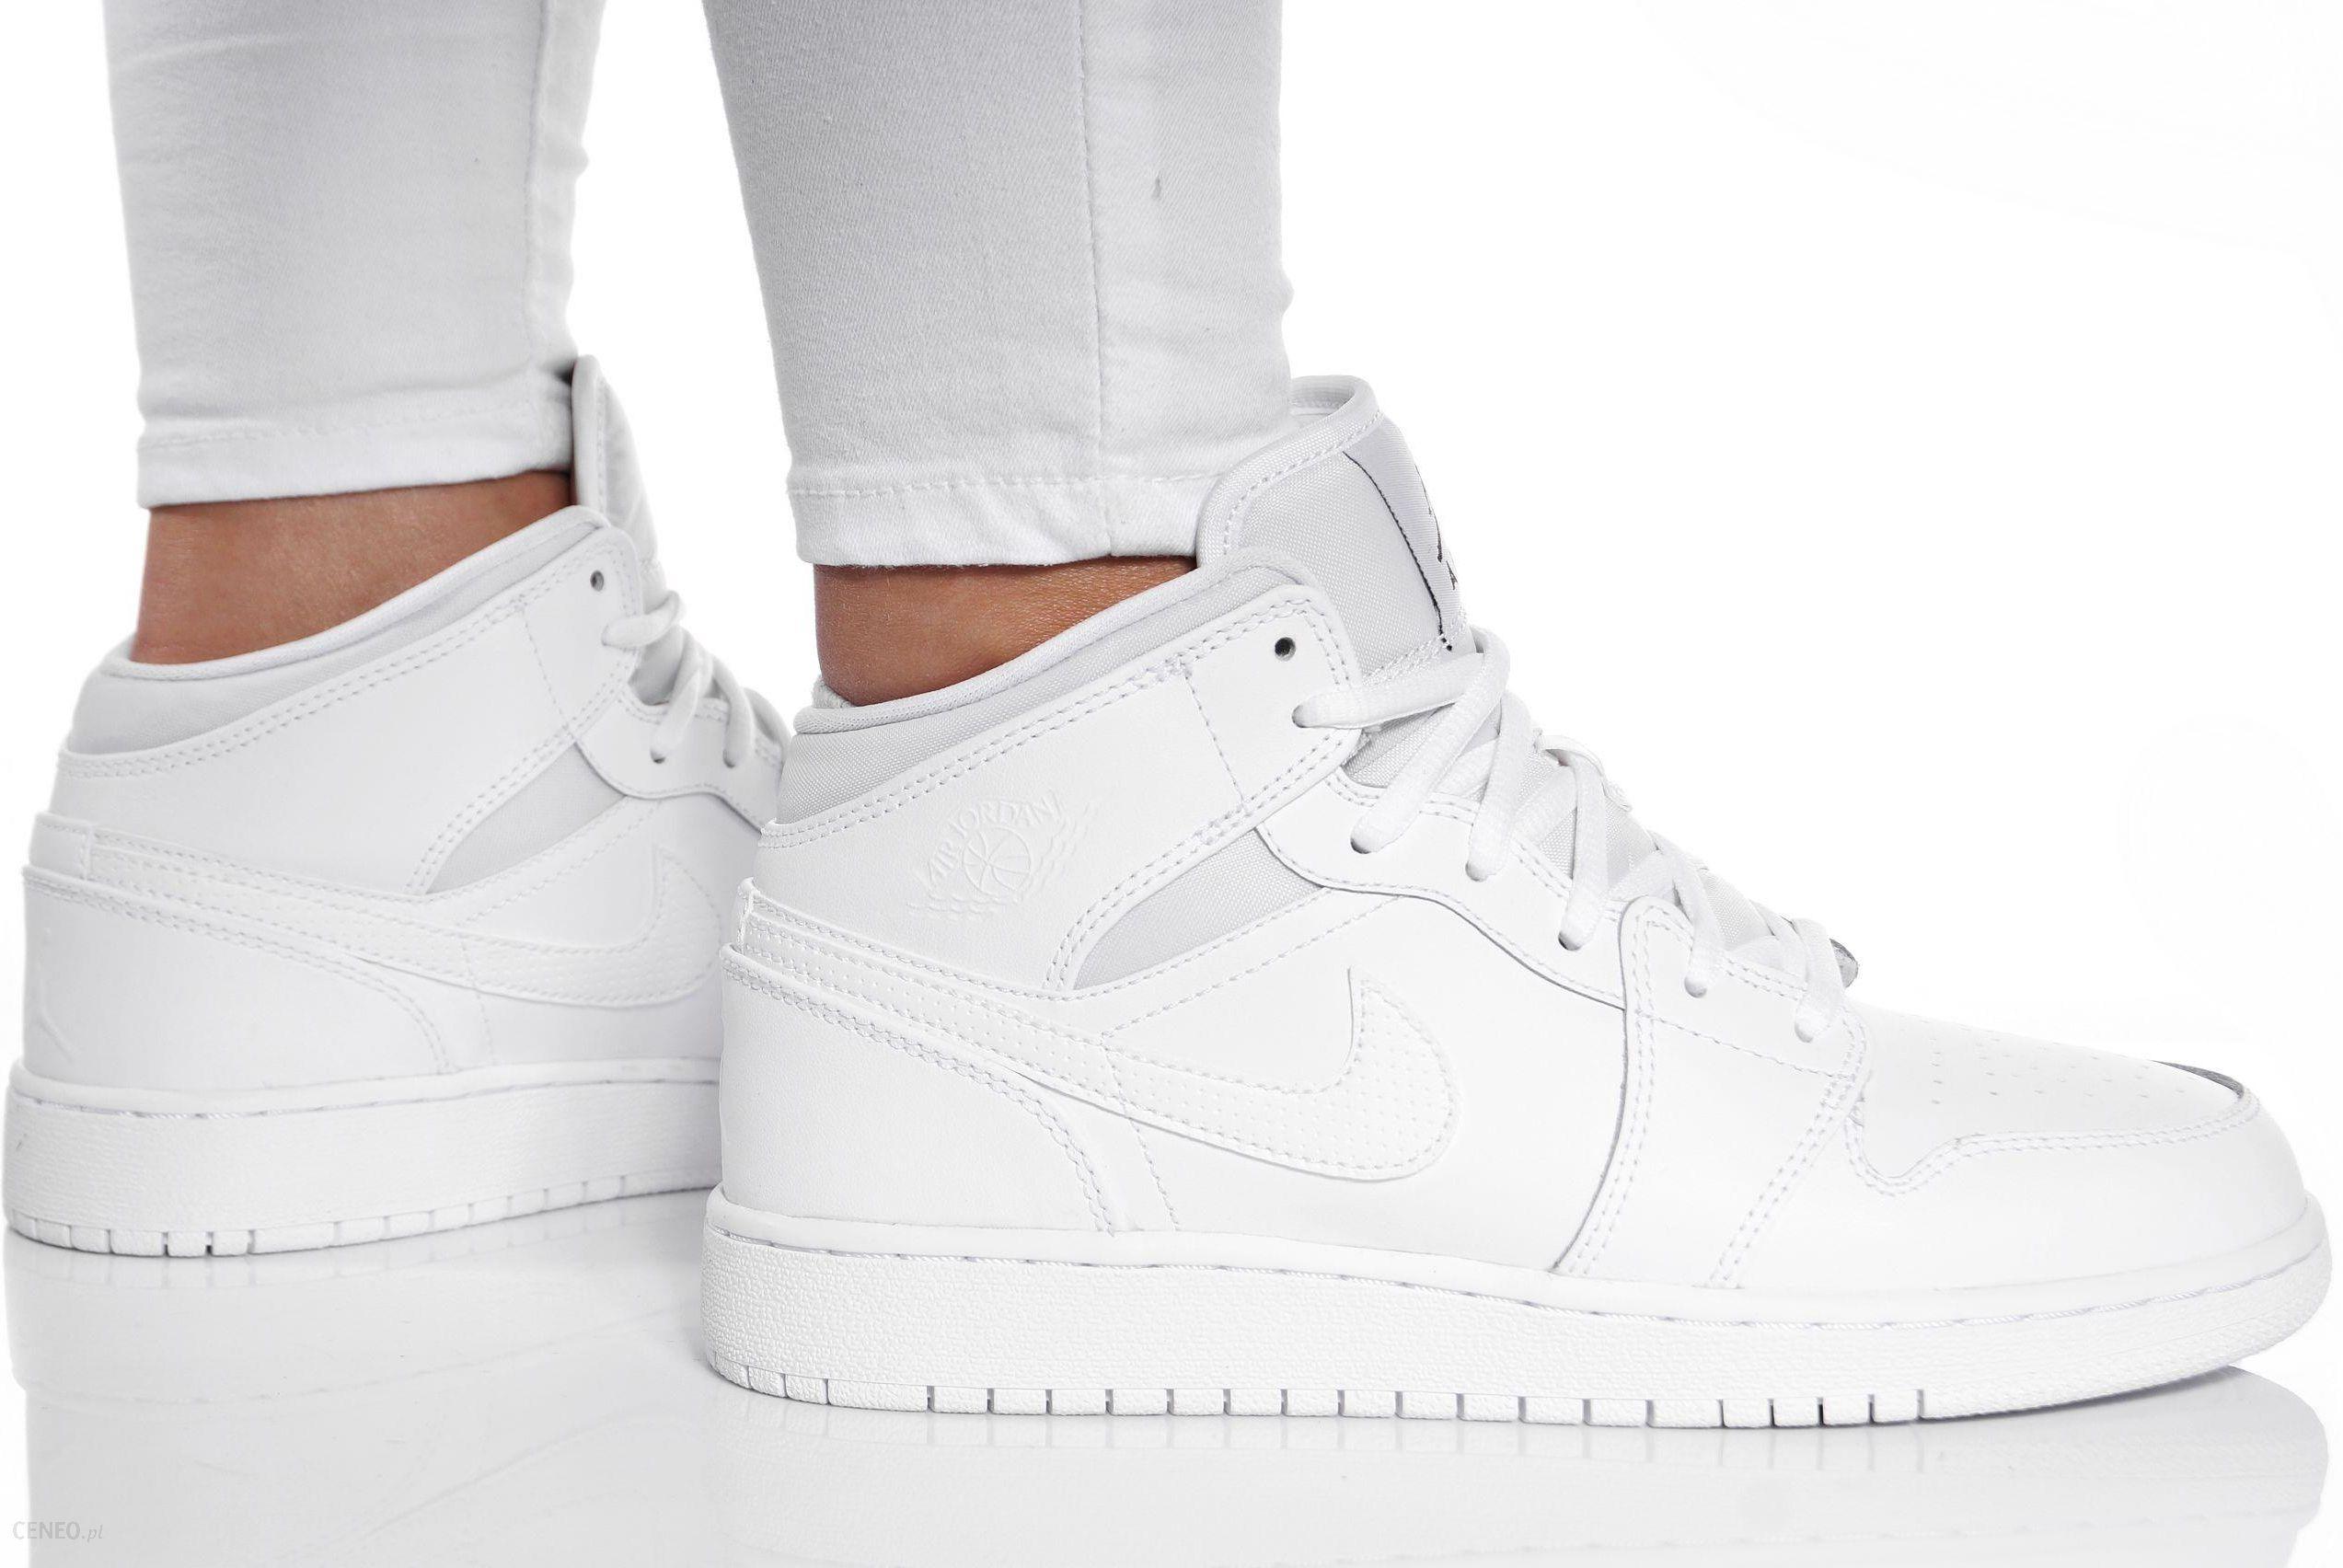 Buty Nike Air Jordan 1 MID Bg Damskie 554725 110